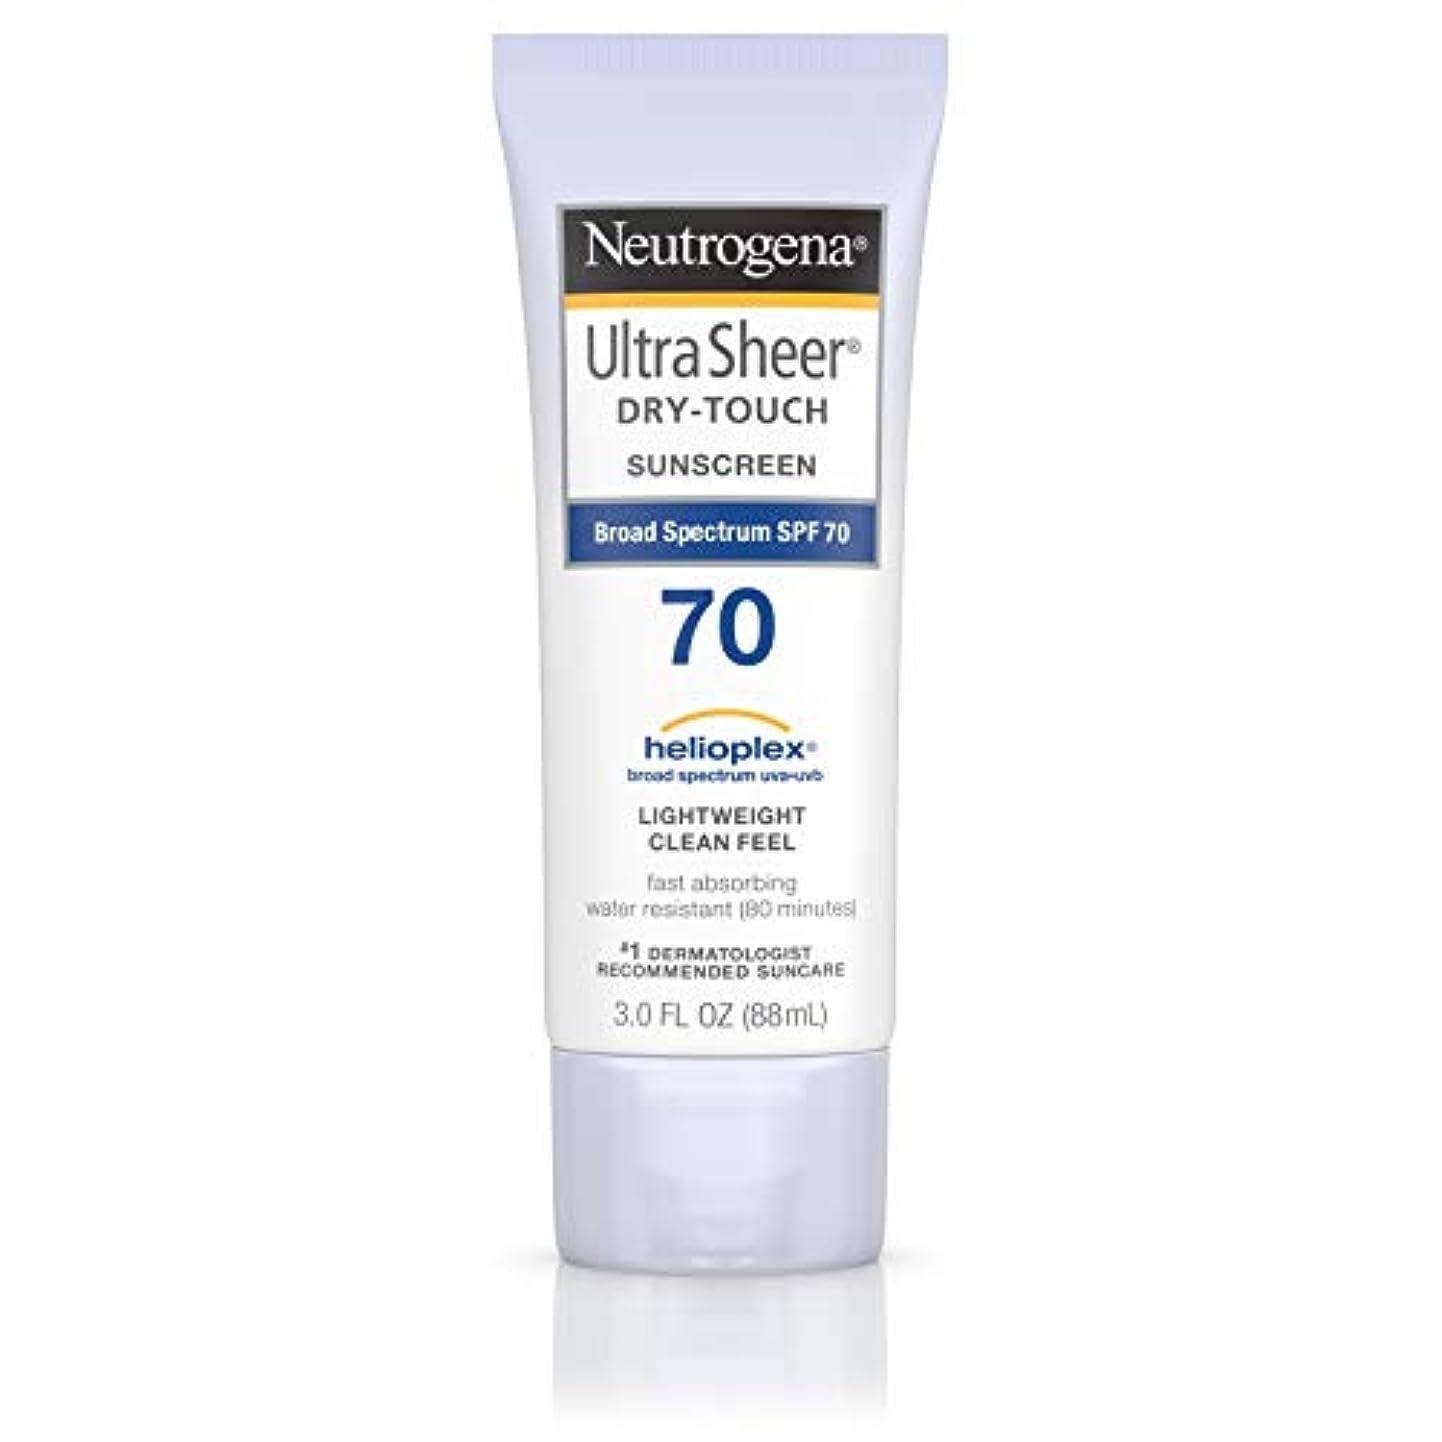 補体ユーザー手のひらNeutrogena Ultra Sheer Dry-Touch Sunscreen, SPF 70, 88 ml (並行輸入品)